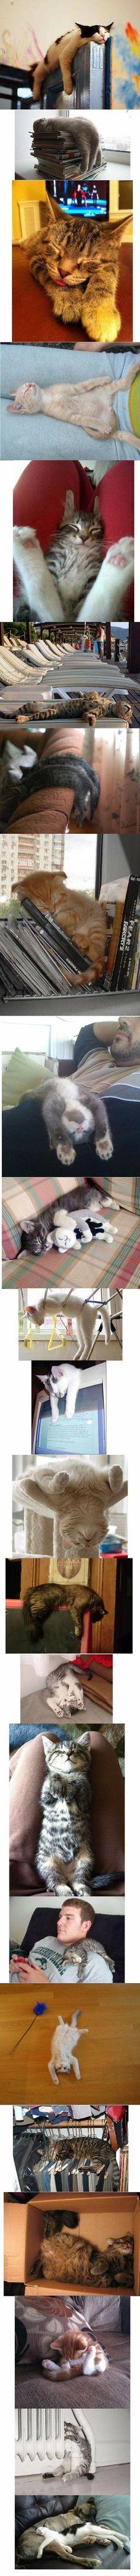 Schläfrige Katzen, so süüüß